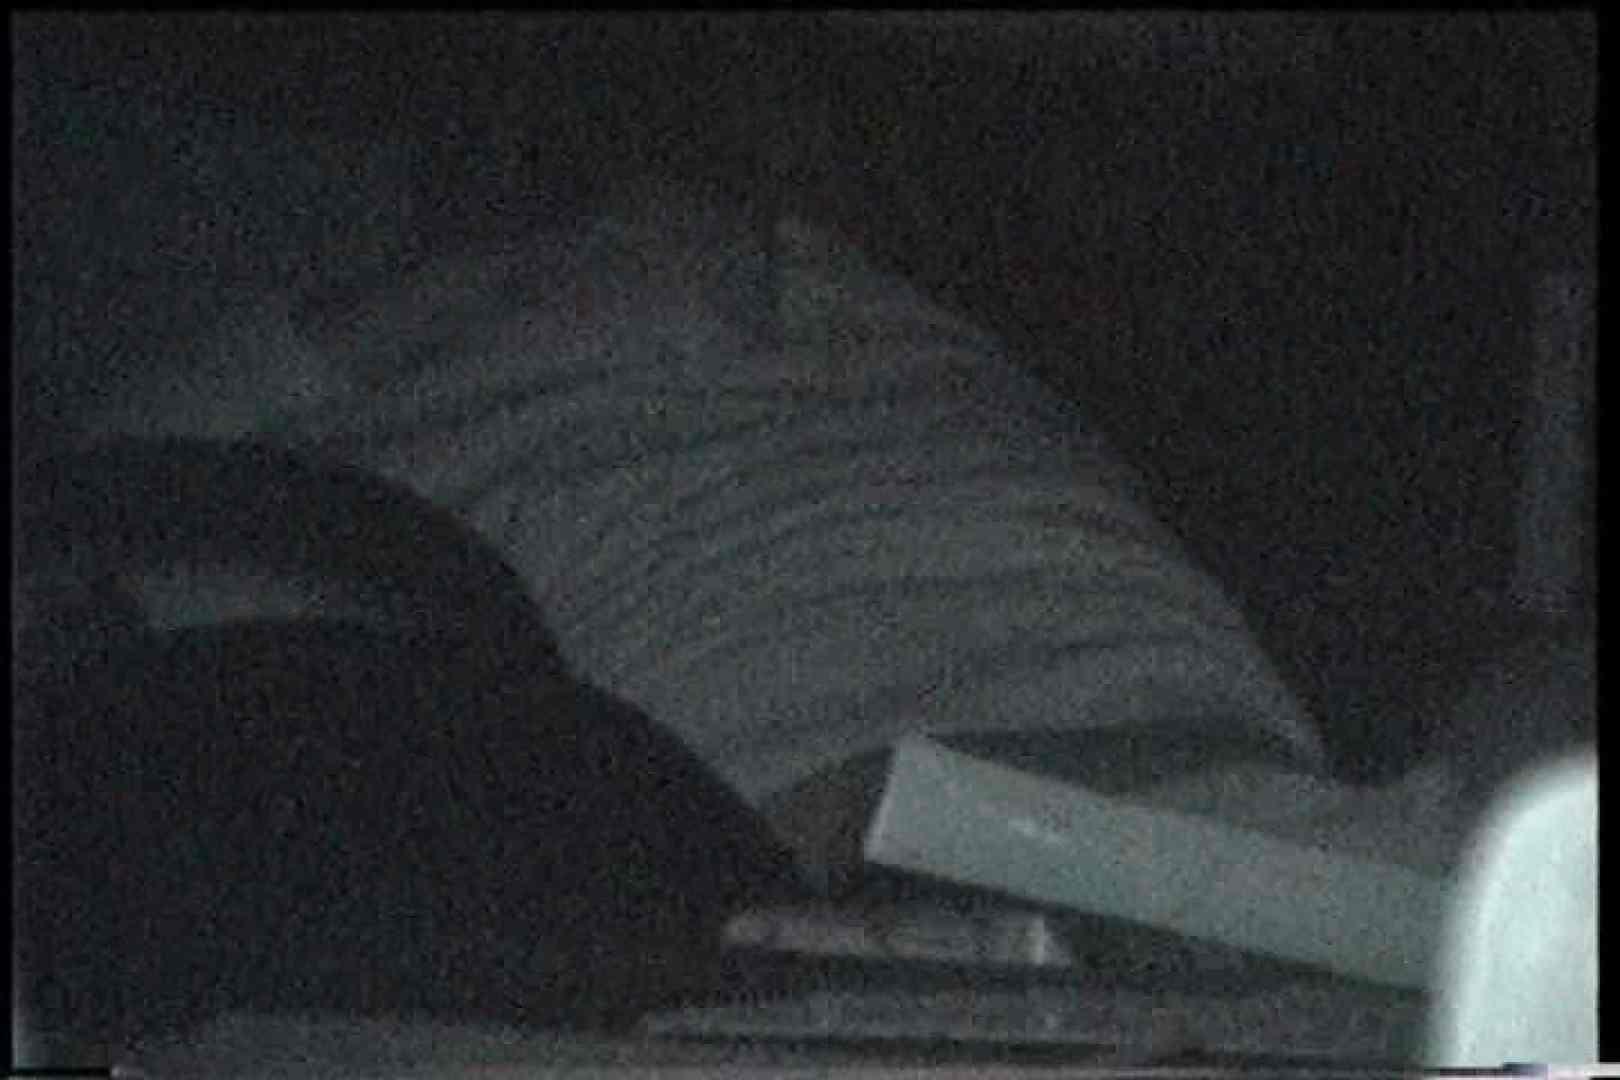 充血監督の深夜の運動会Vol.199 カップルのセックス 濡れ場動画紹介 104PIX 86